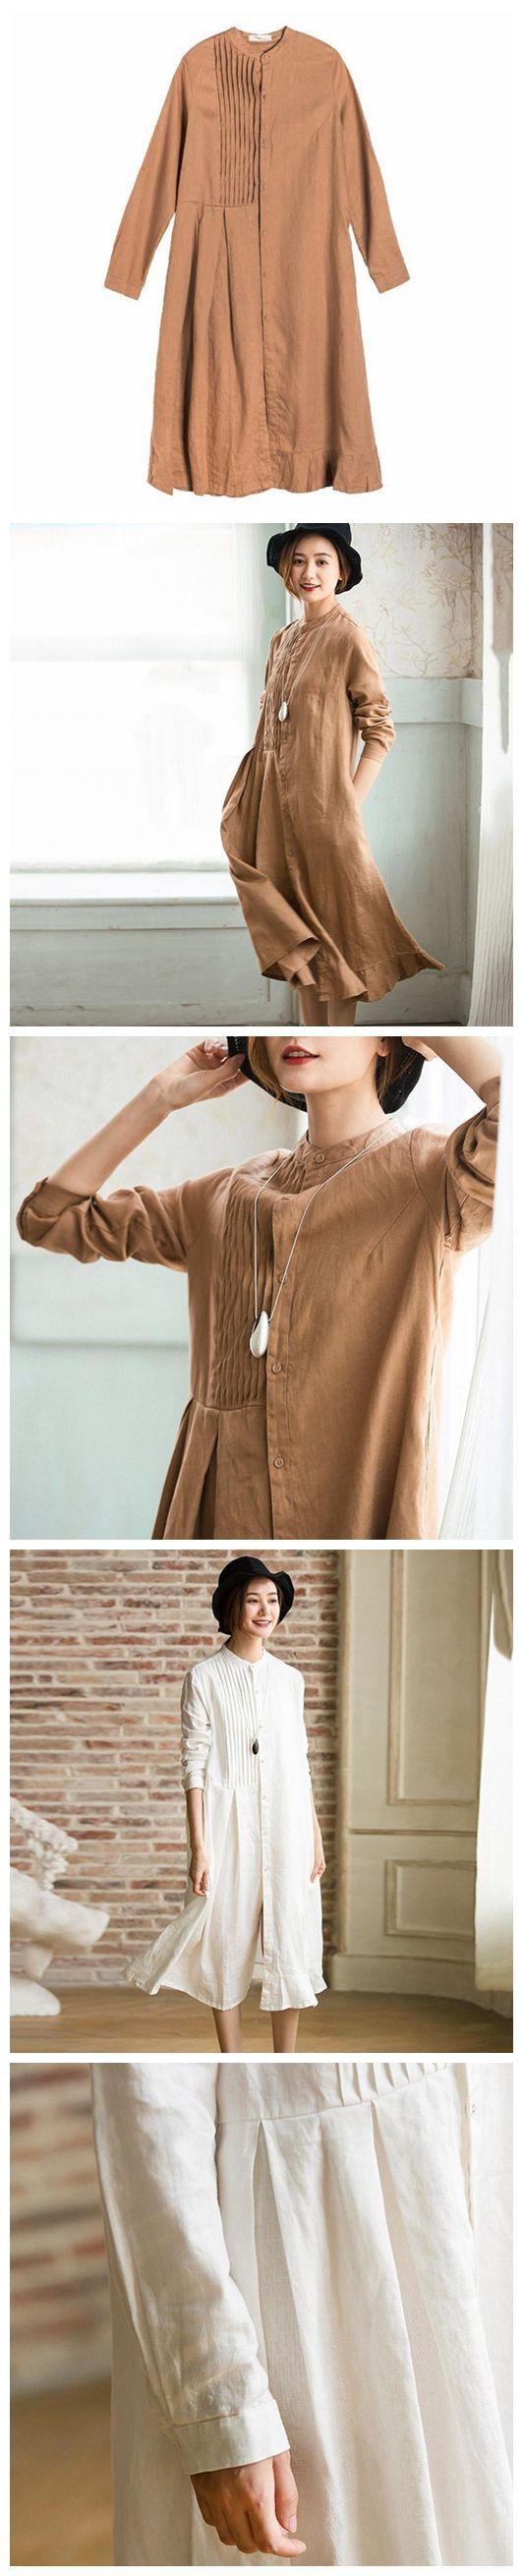 Long Sleeve Casual Cotton Linen Dresses Women Clothes  Q1971